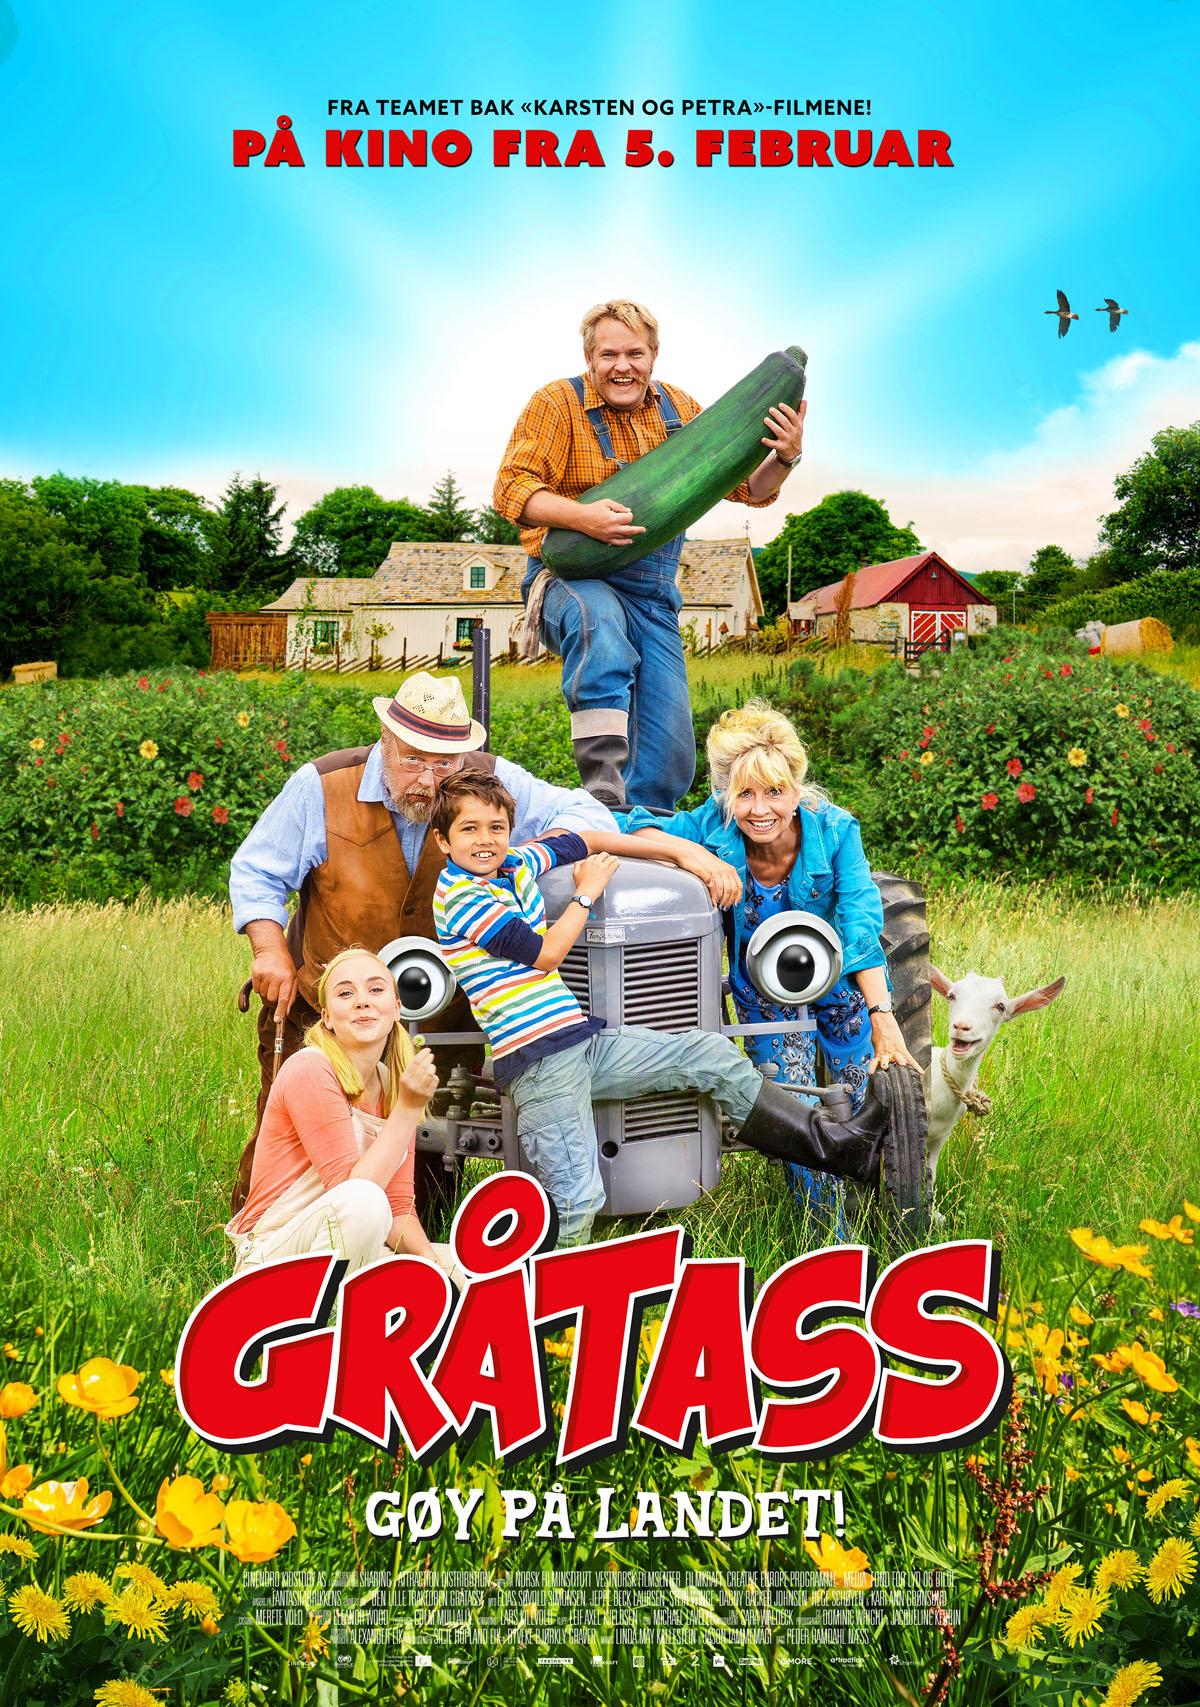 «Gråtass - gøy på landet!» – kinoplakat